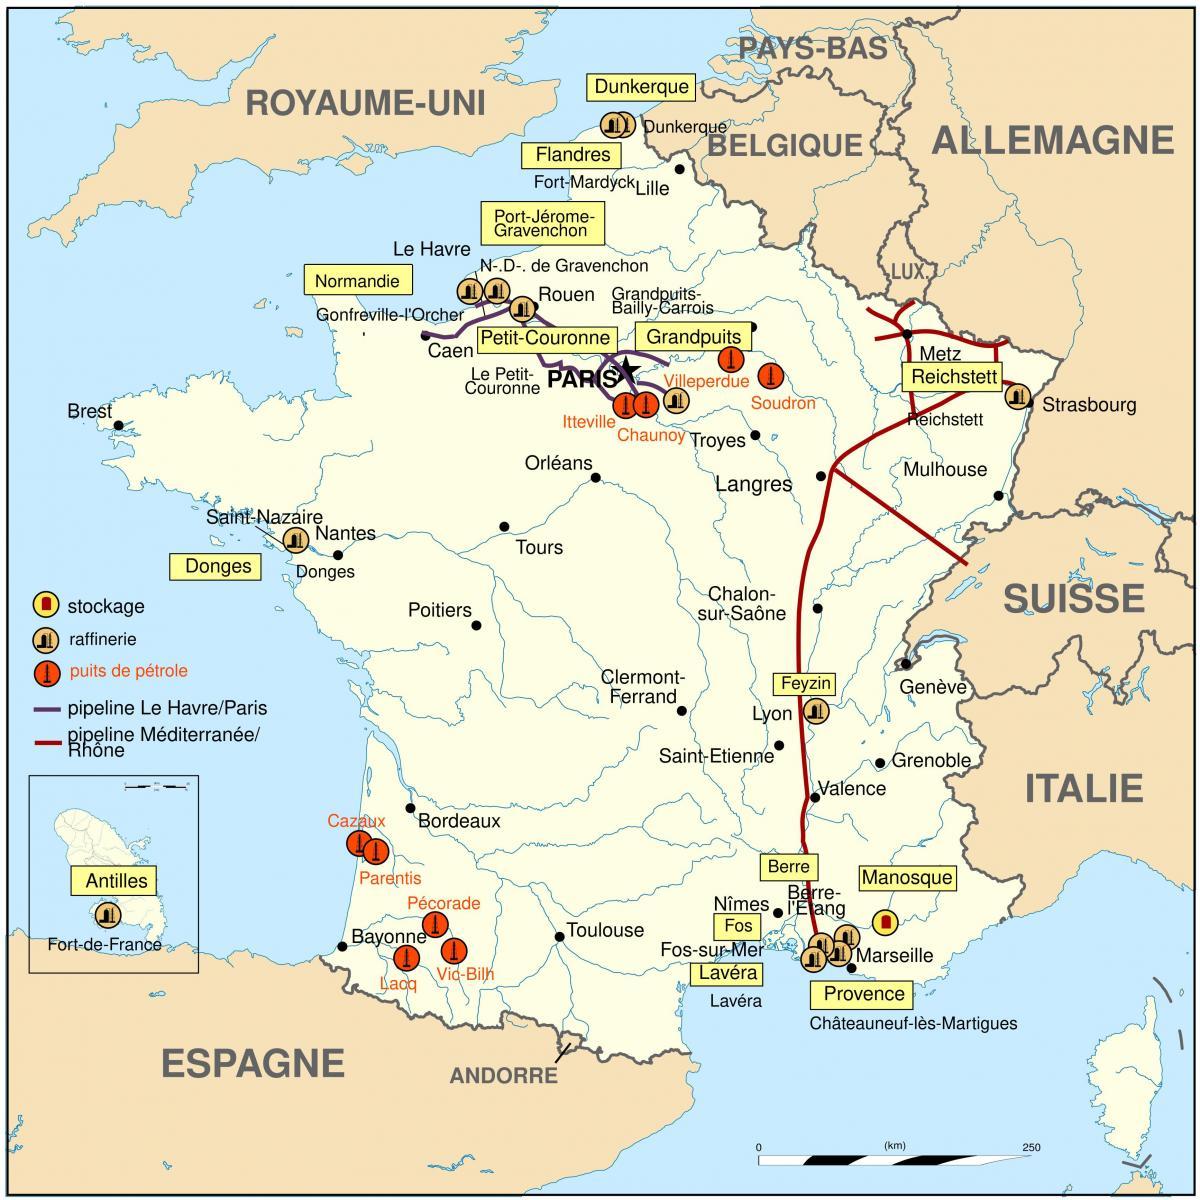 bensin karta Frankrike bensin karta   Karta över Frankrike bensin (Västra  bensin karta